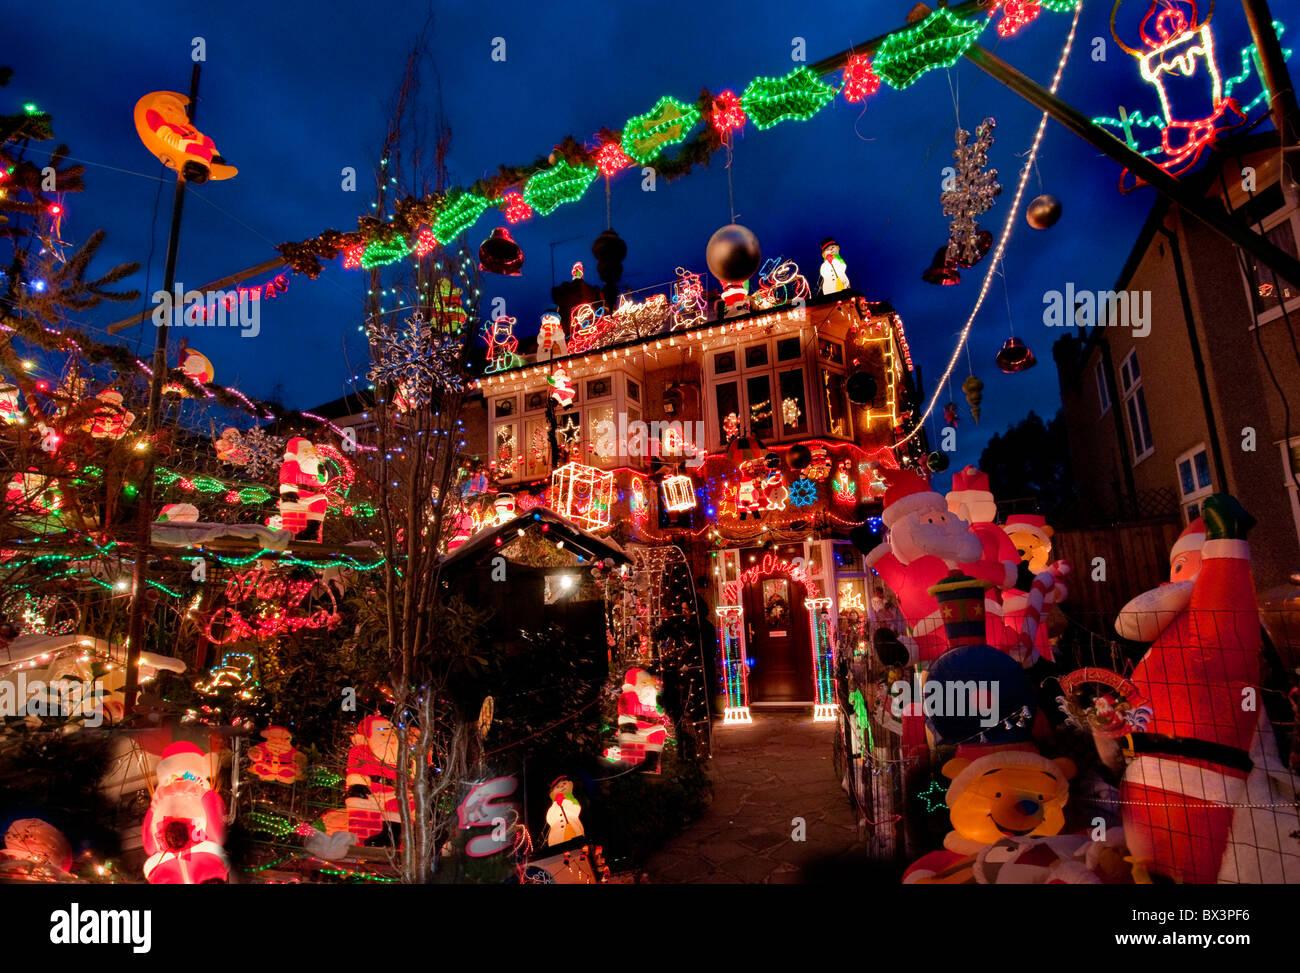 Gli utenti con dispositivo touch possono spostarsi sullo schermo toccandolo o scorrendolo con le dita. Christmas Decorations House Exterior High Resolution Stock Photography And Images Alamy